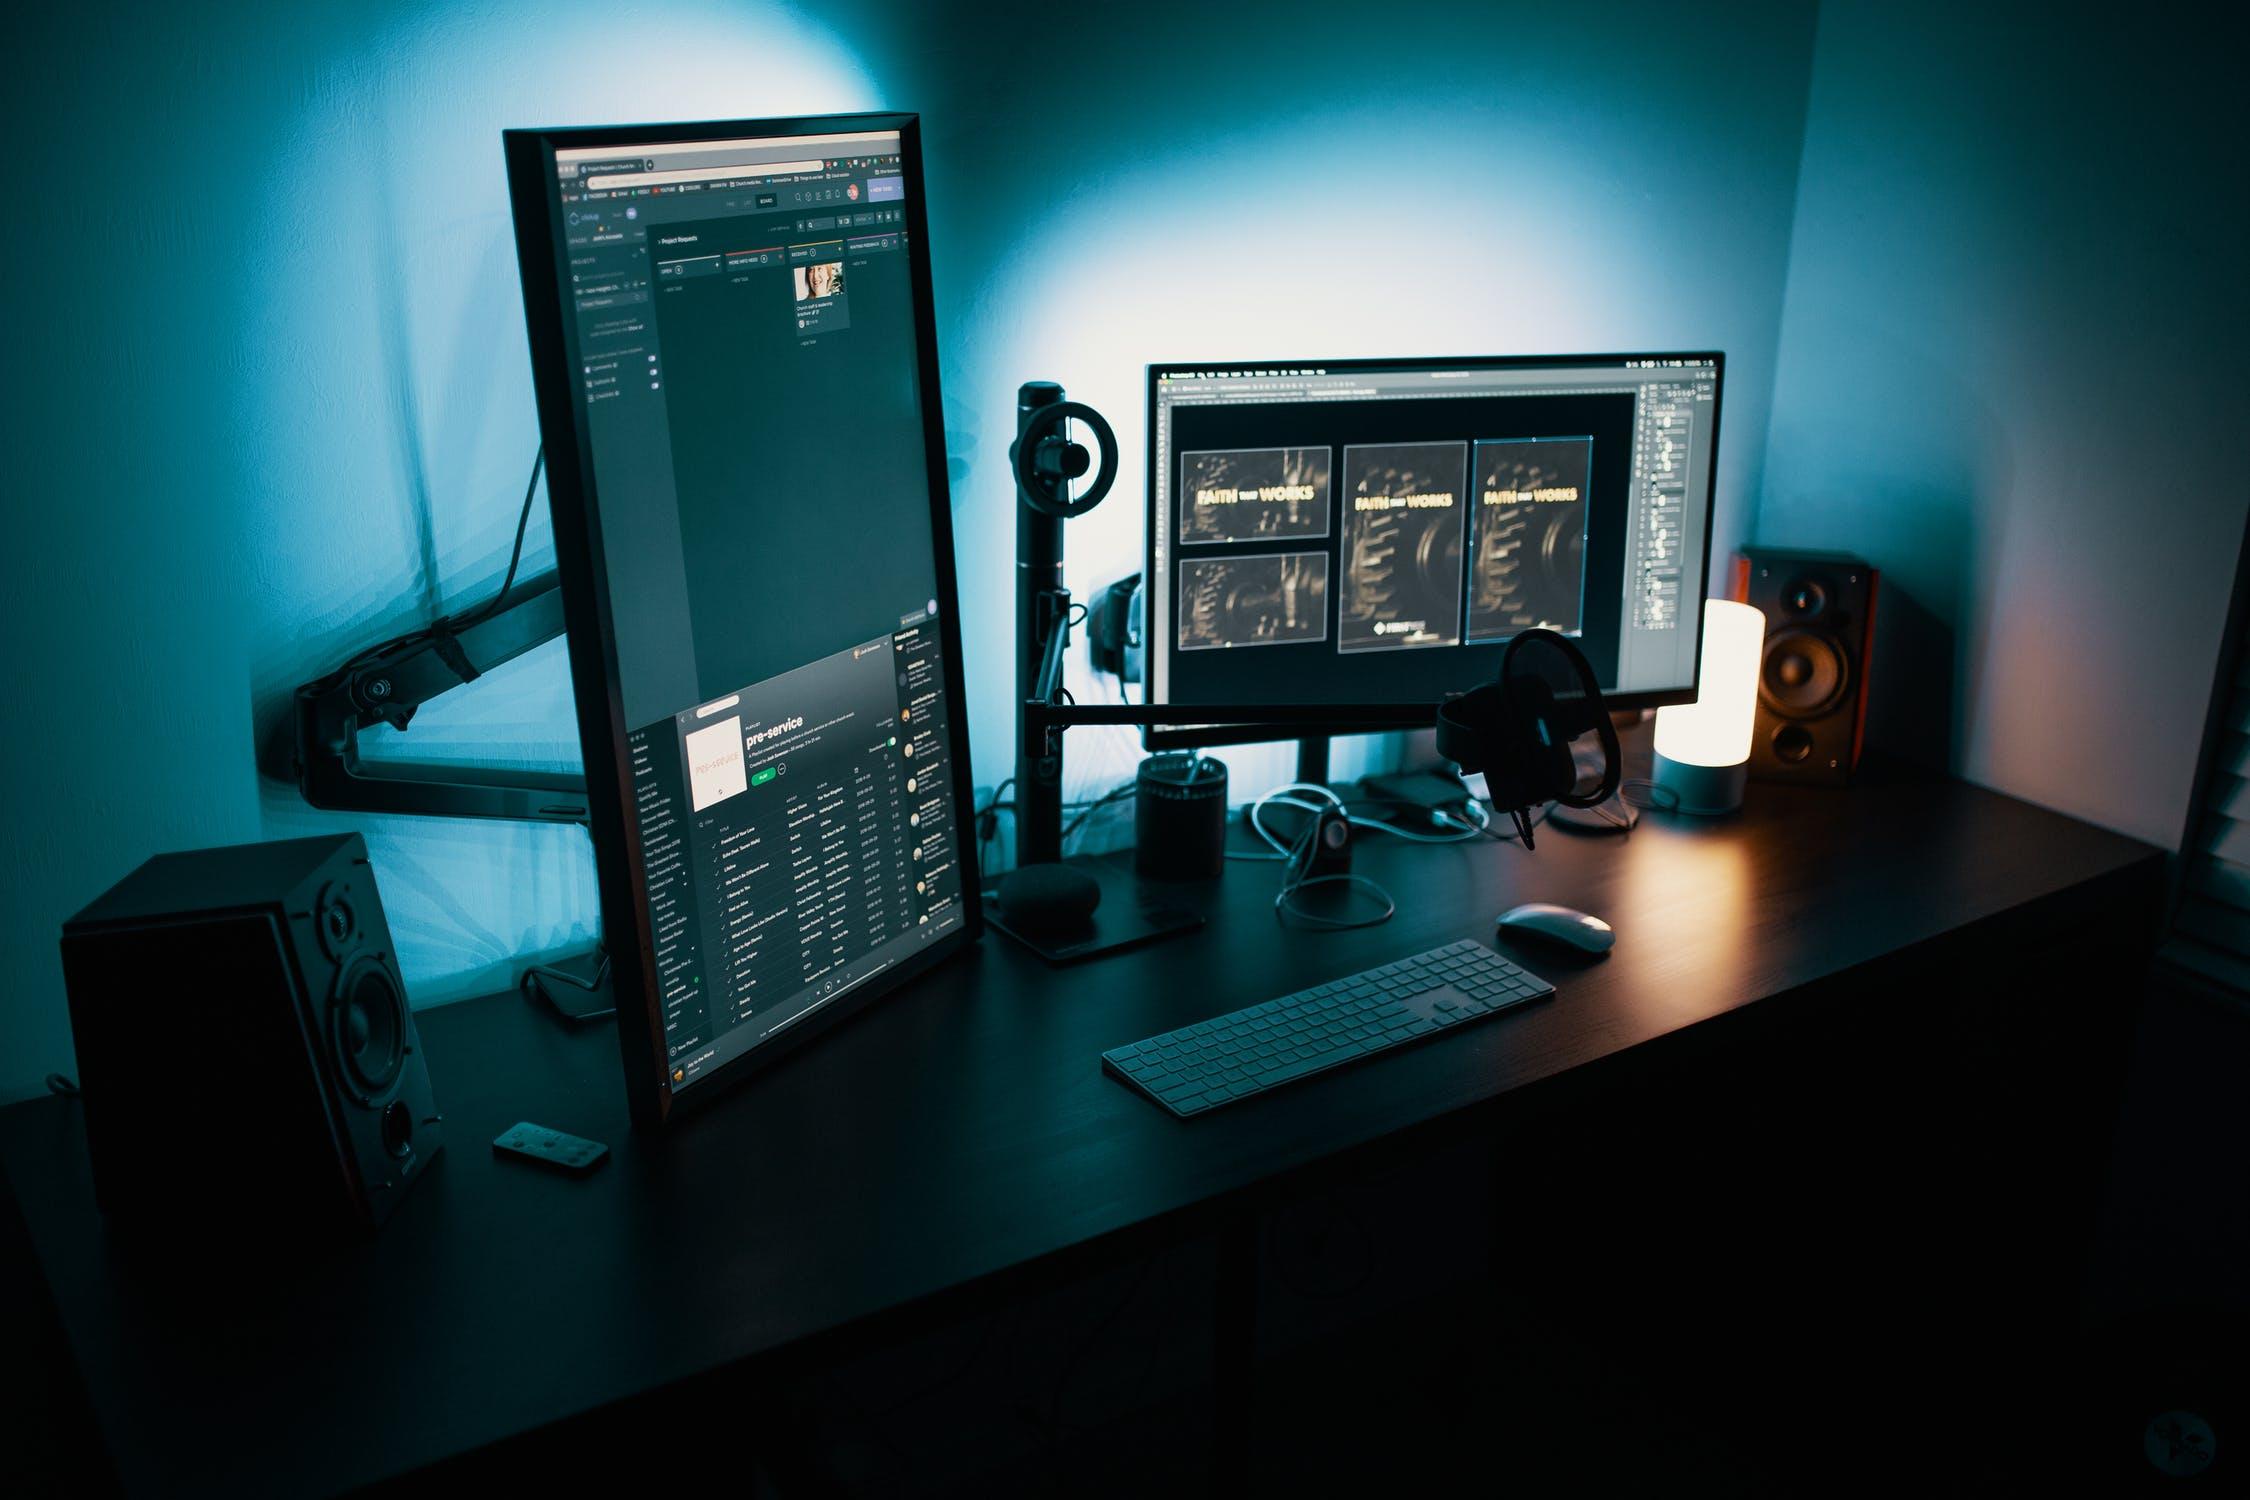 Ảnh hình nền máy tính 4k đẹp cho máy tính